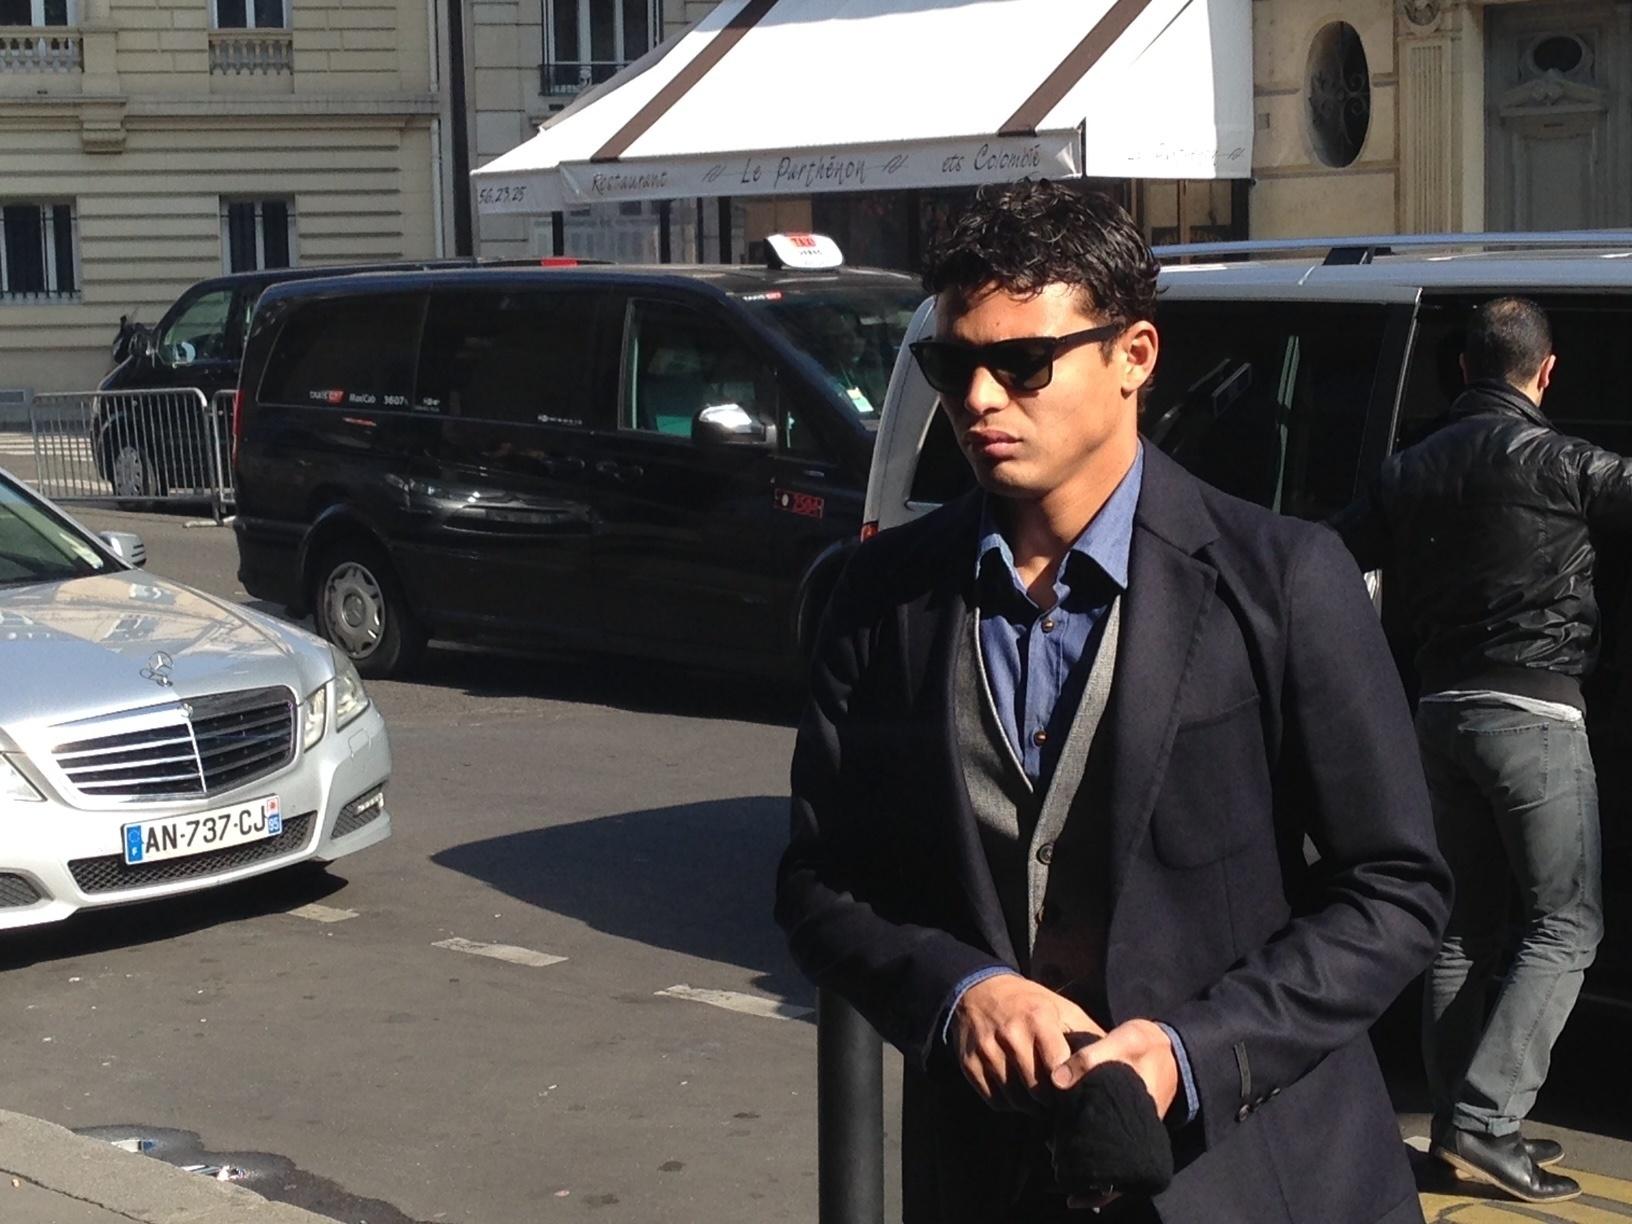 Thiago Silva mora na França e levou menos de 10 minutos para chegar ao hotel em que a seleção está hospedada para amistoso em Paris, na quinta